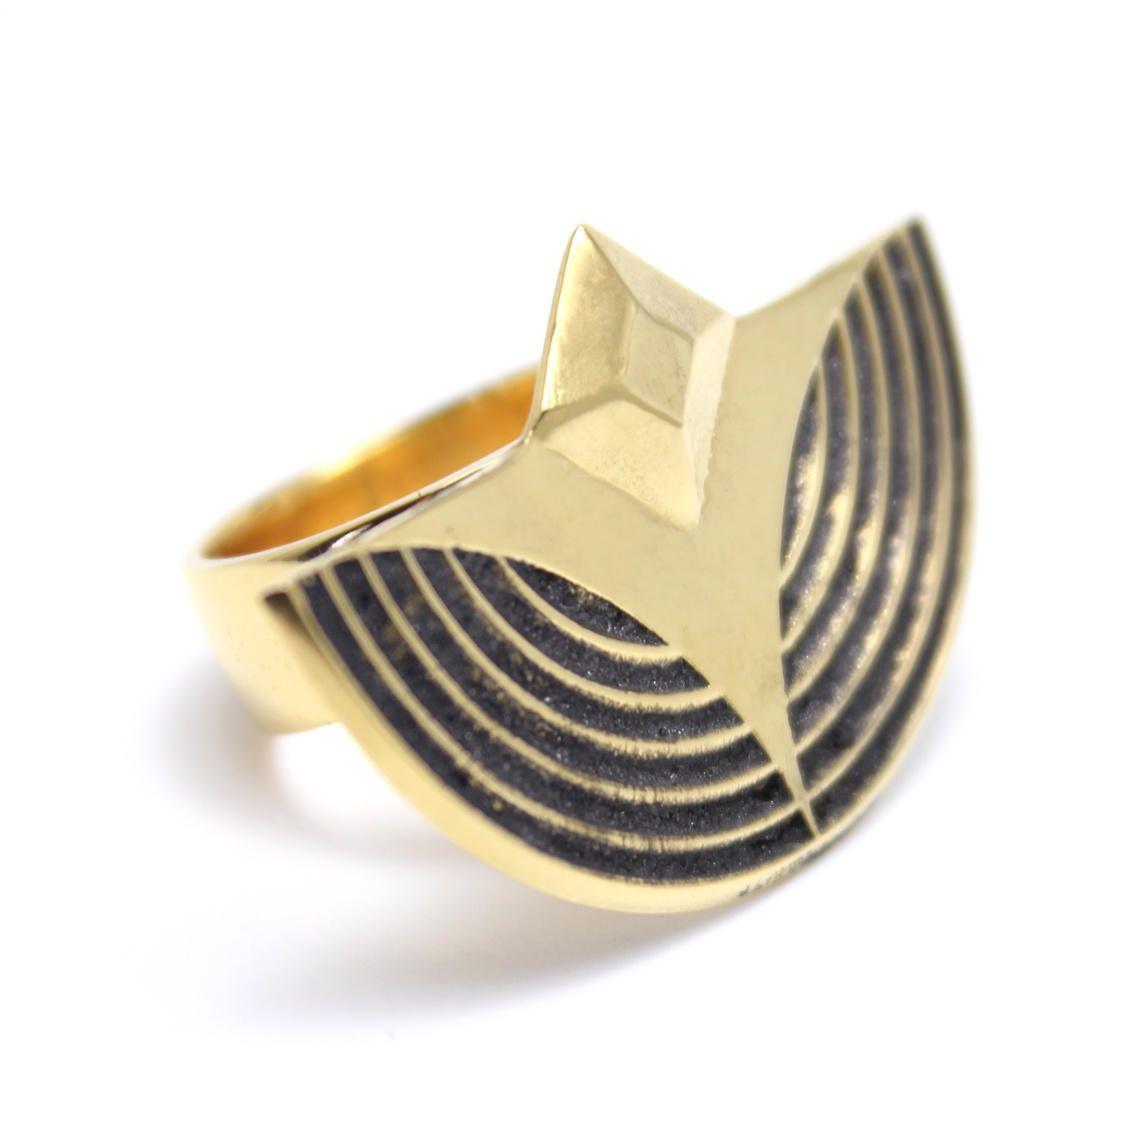 Gold nibiru ring seawolf rings pinterest ring